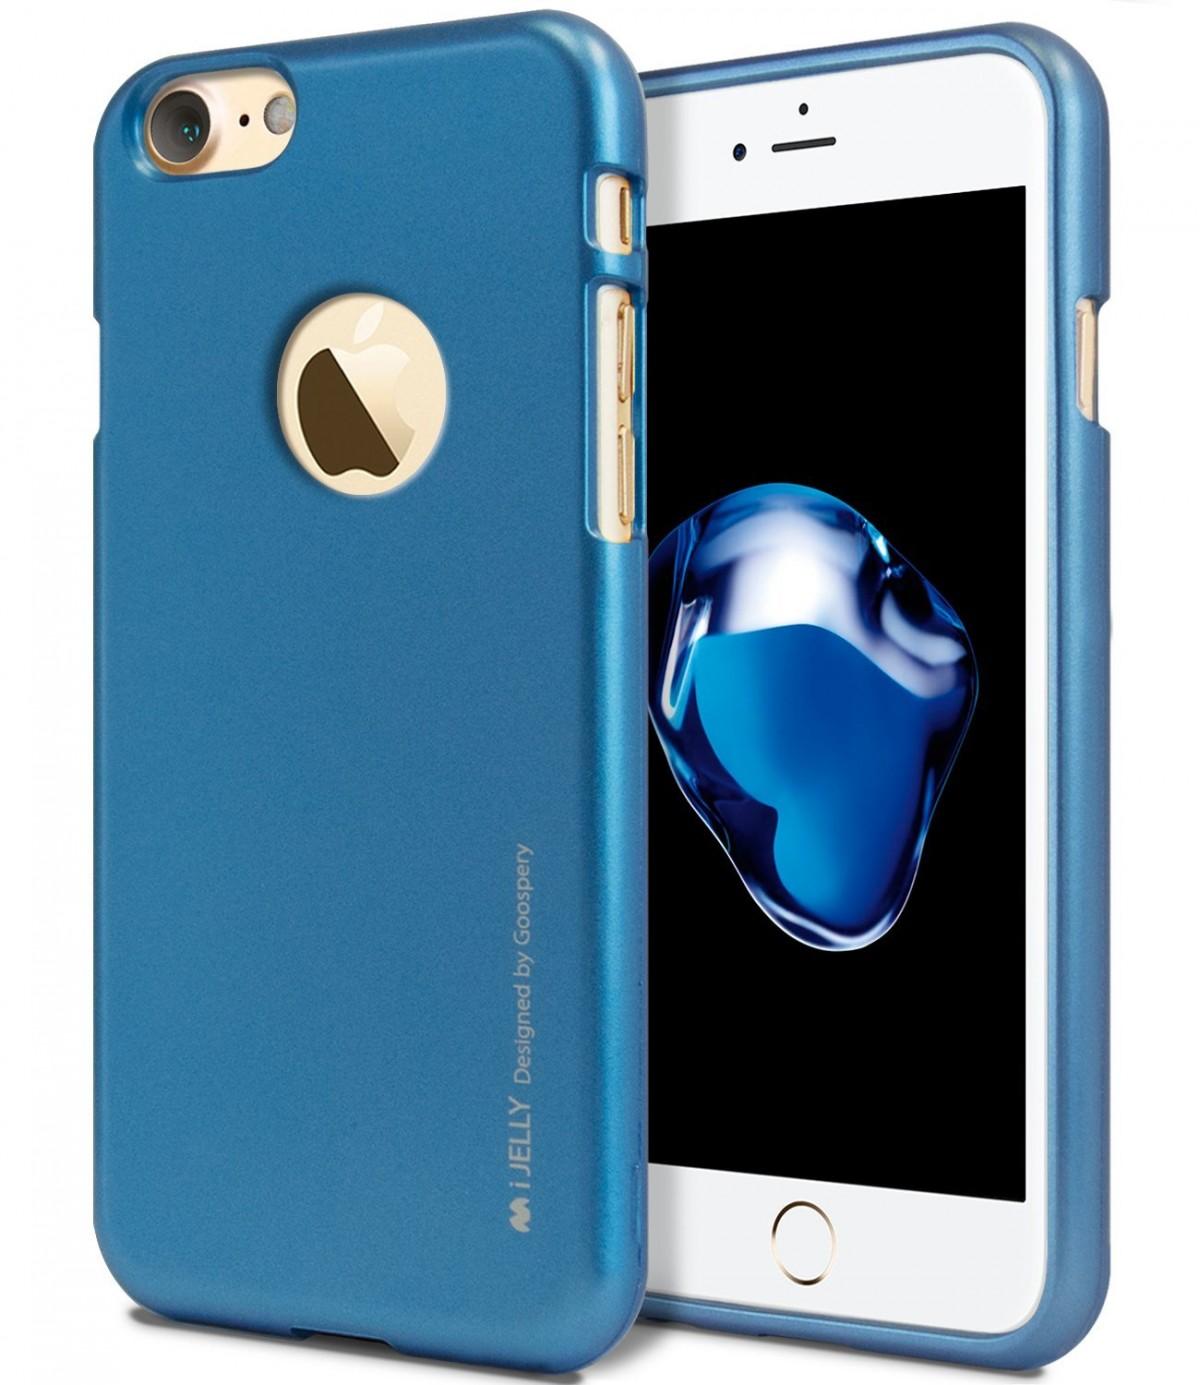 Silikonový kryt iJelly Metal Goospery Mercury Apple iPhone 8 / 7 - Modrý